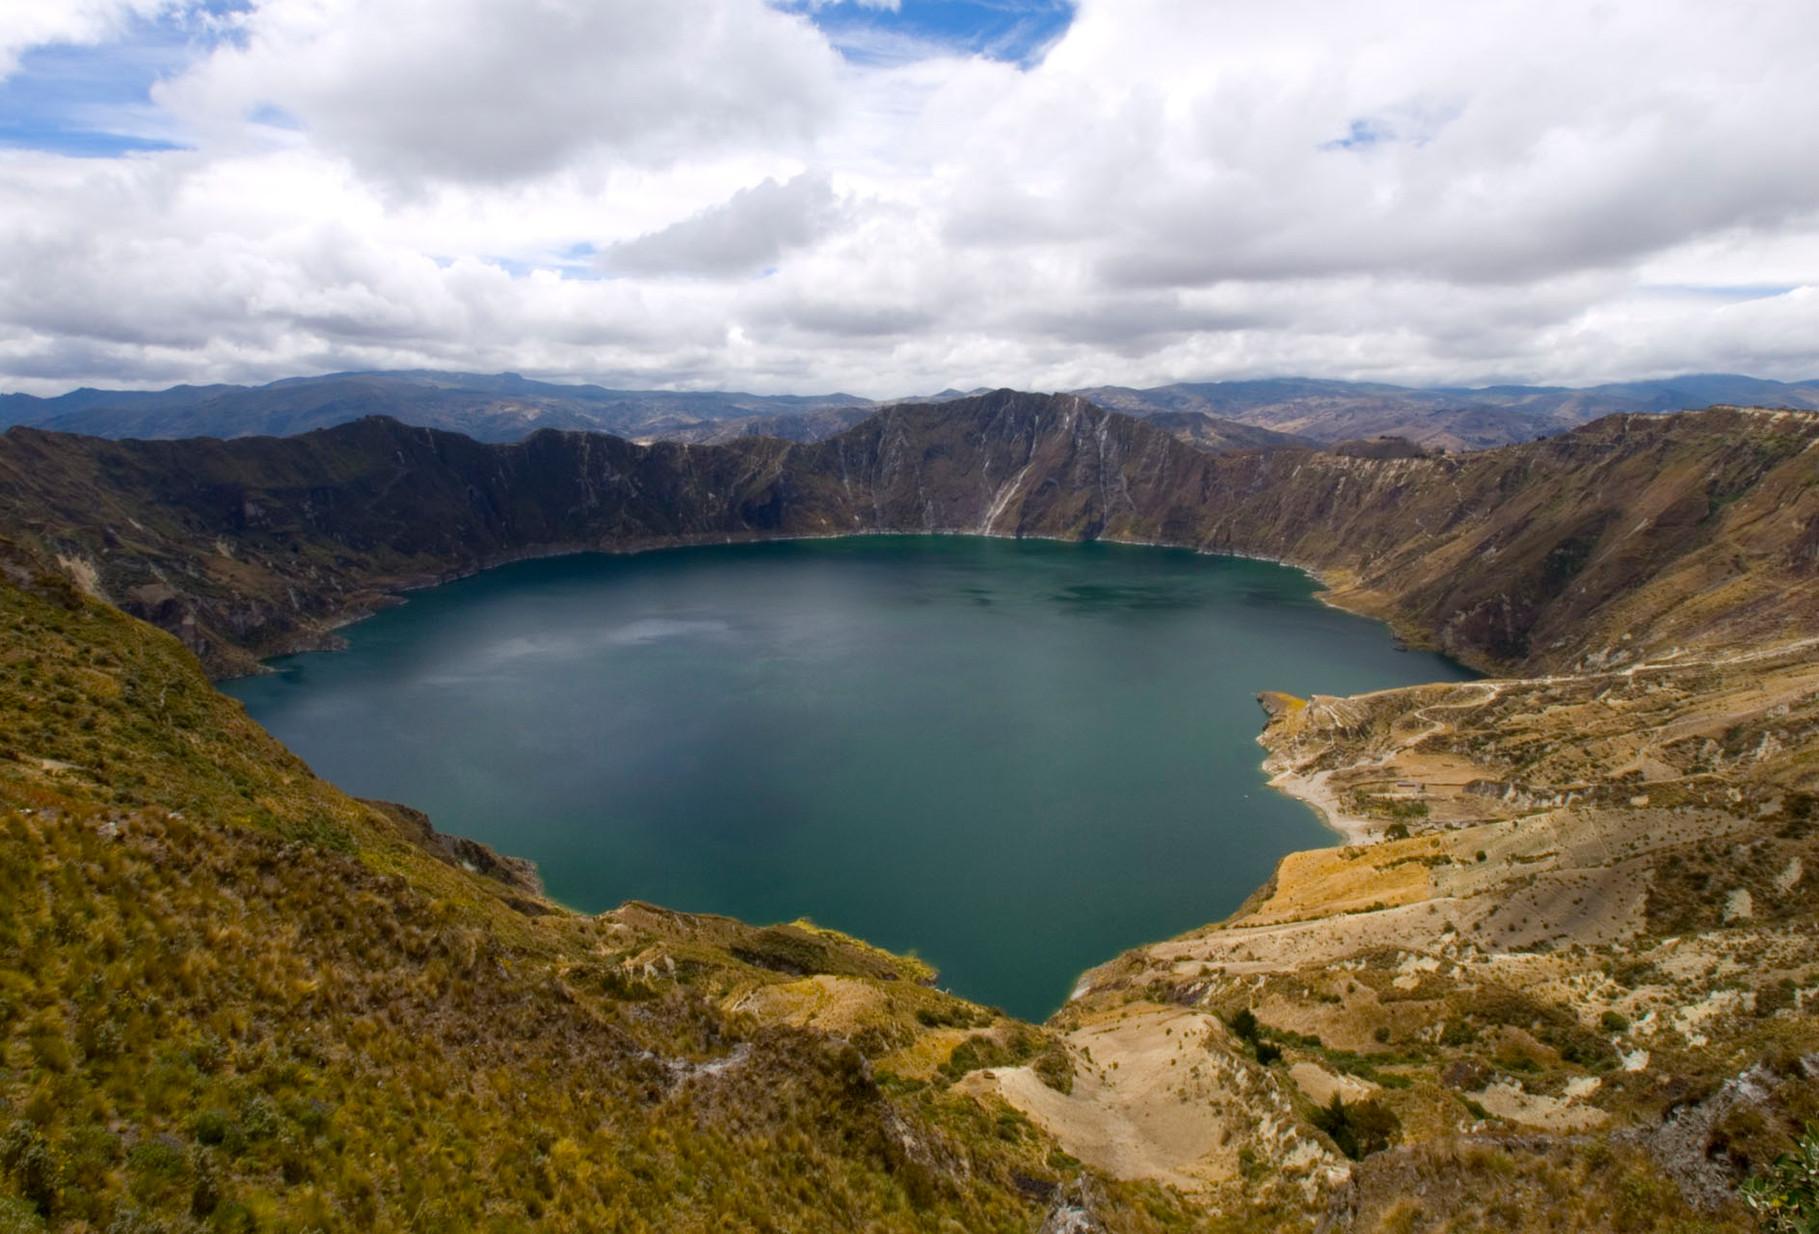 Laguna de quilotoa, Ecuador [2009]